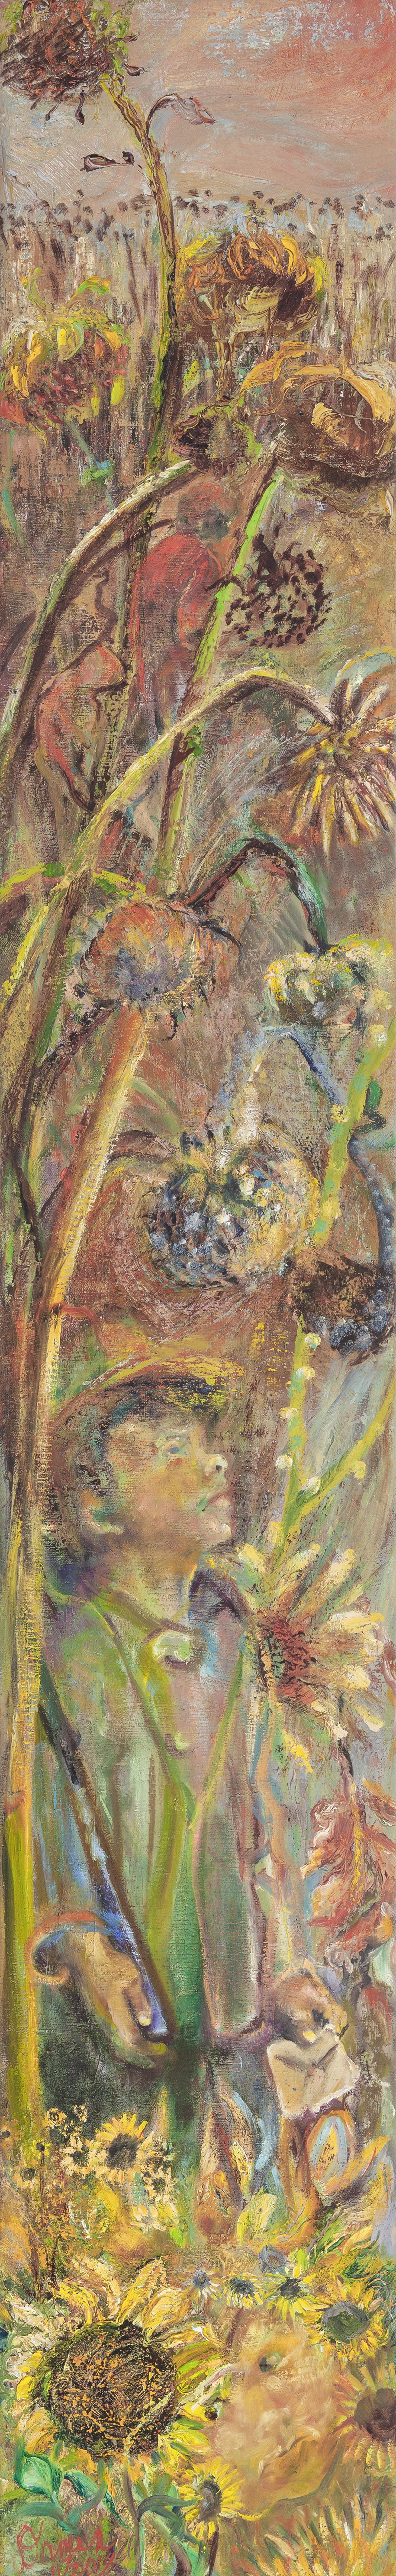 Sliver oil painting, poetry, forgotten veterans